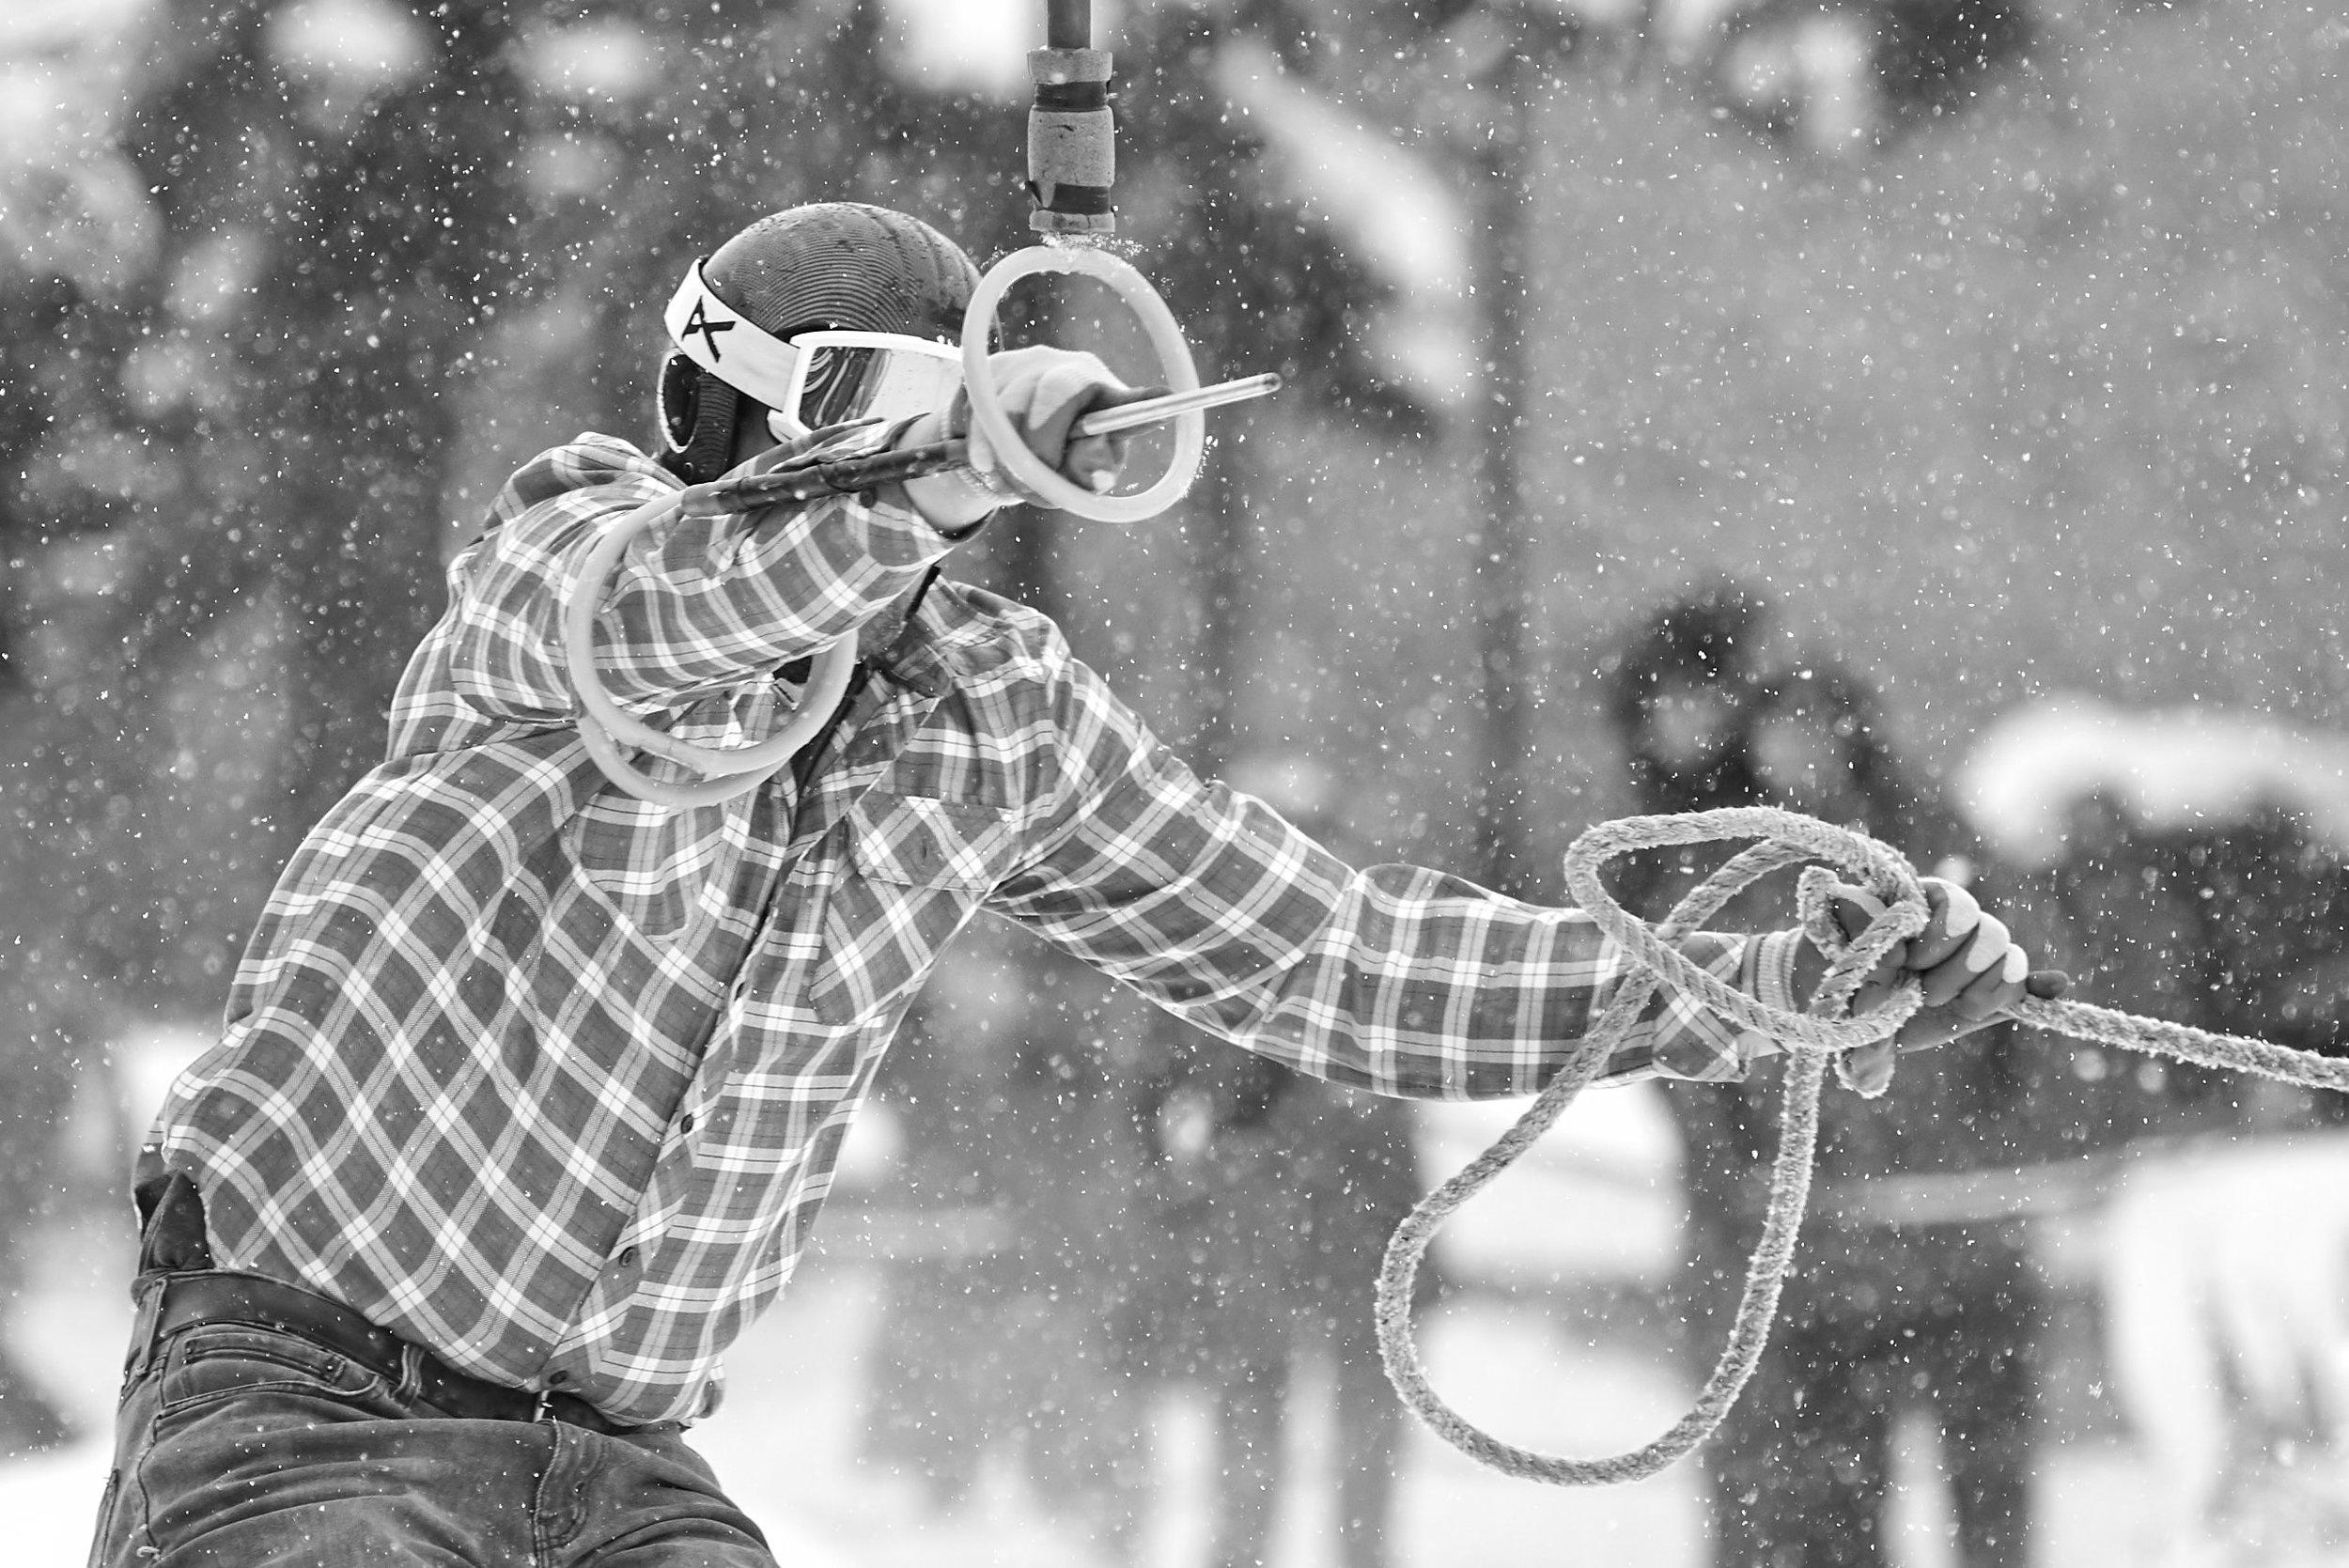 2019_SkiJouring_ 599.jpg